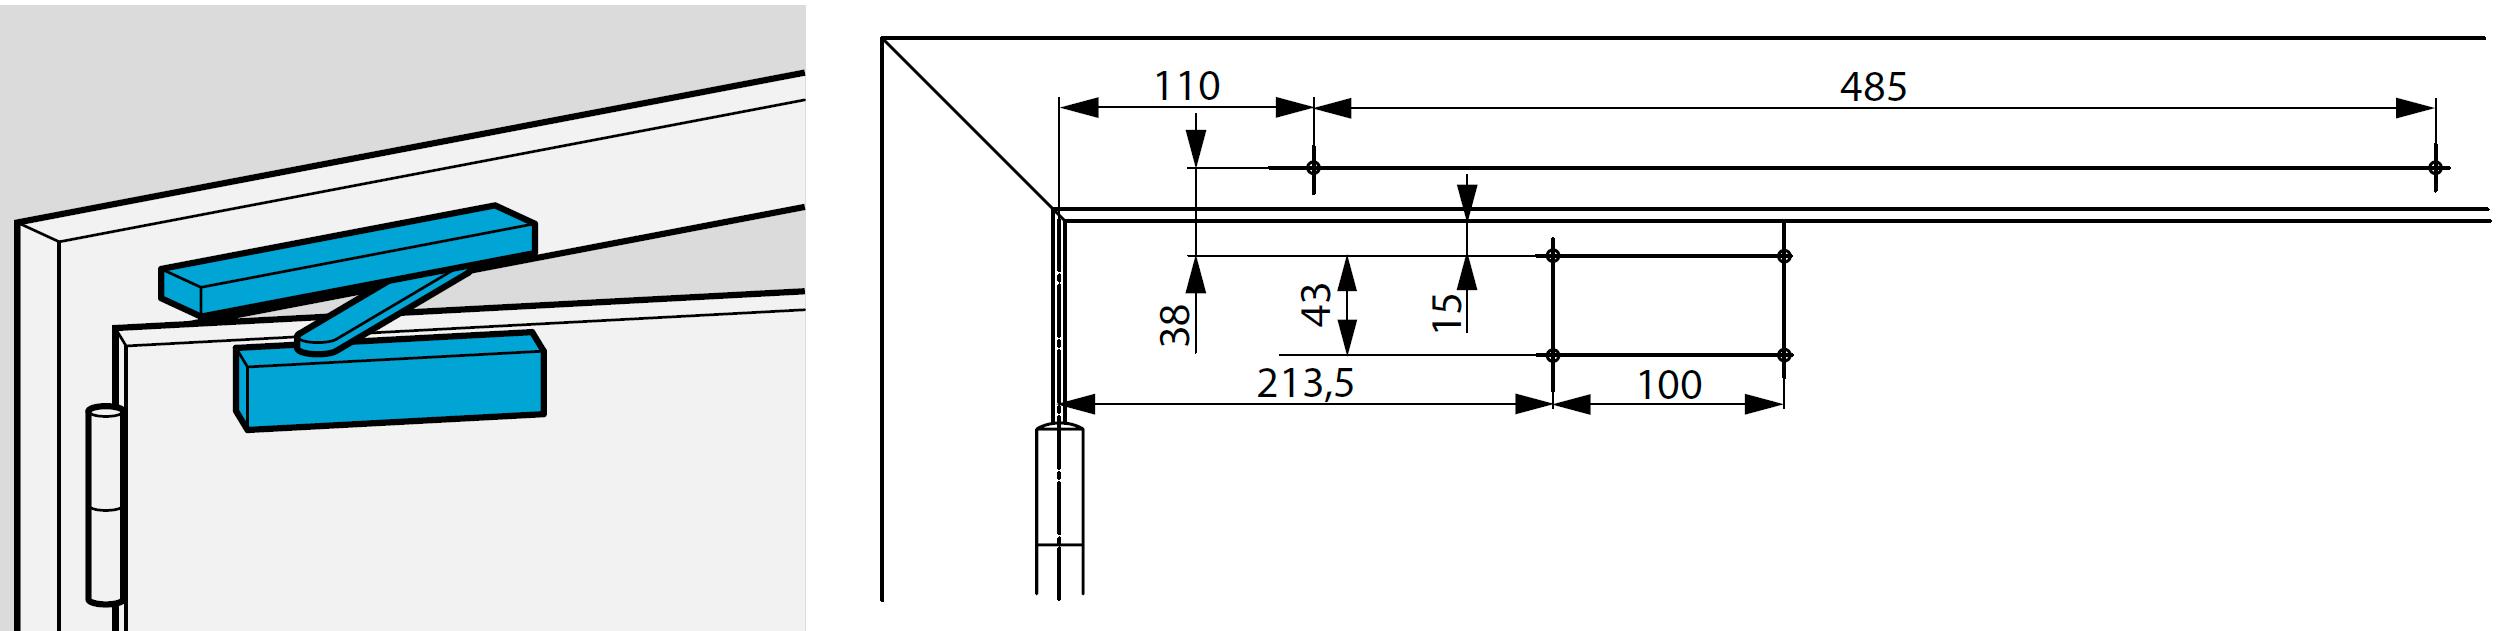 Монтажные размеры для стандартной прямой установки доводчика DC700 со стороны петель